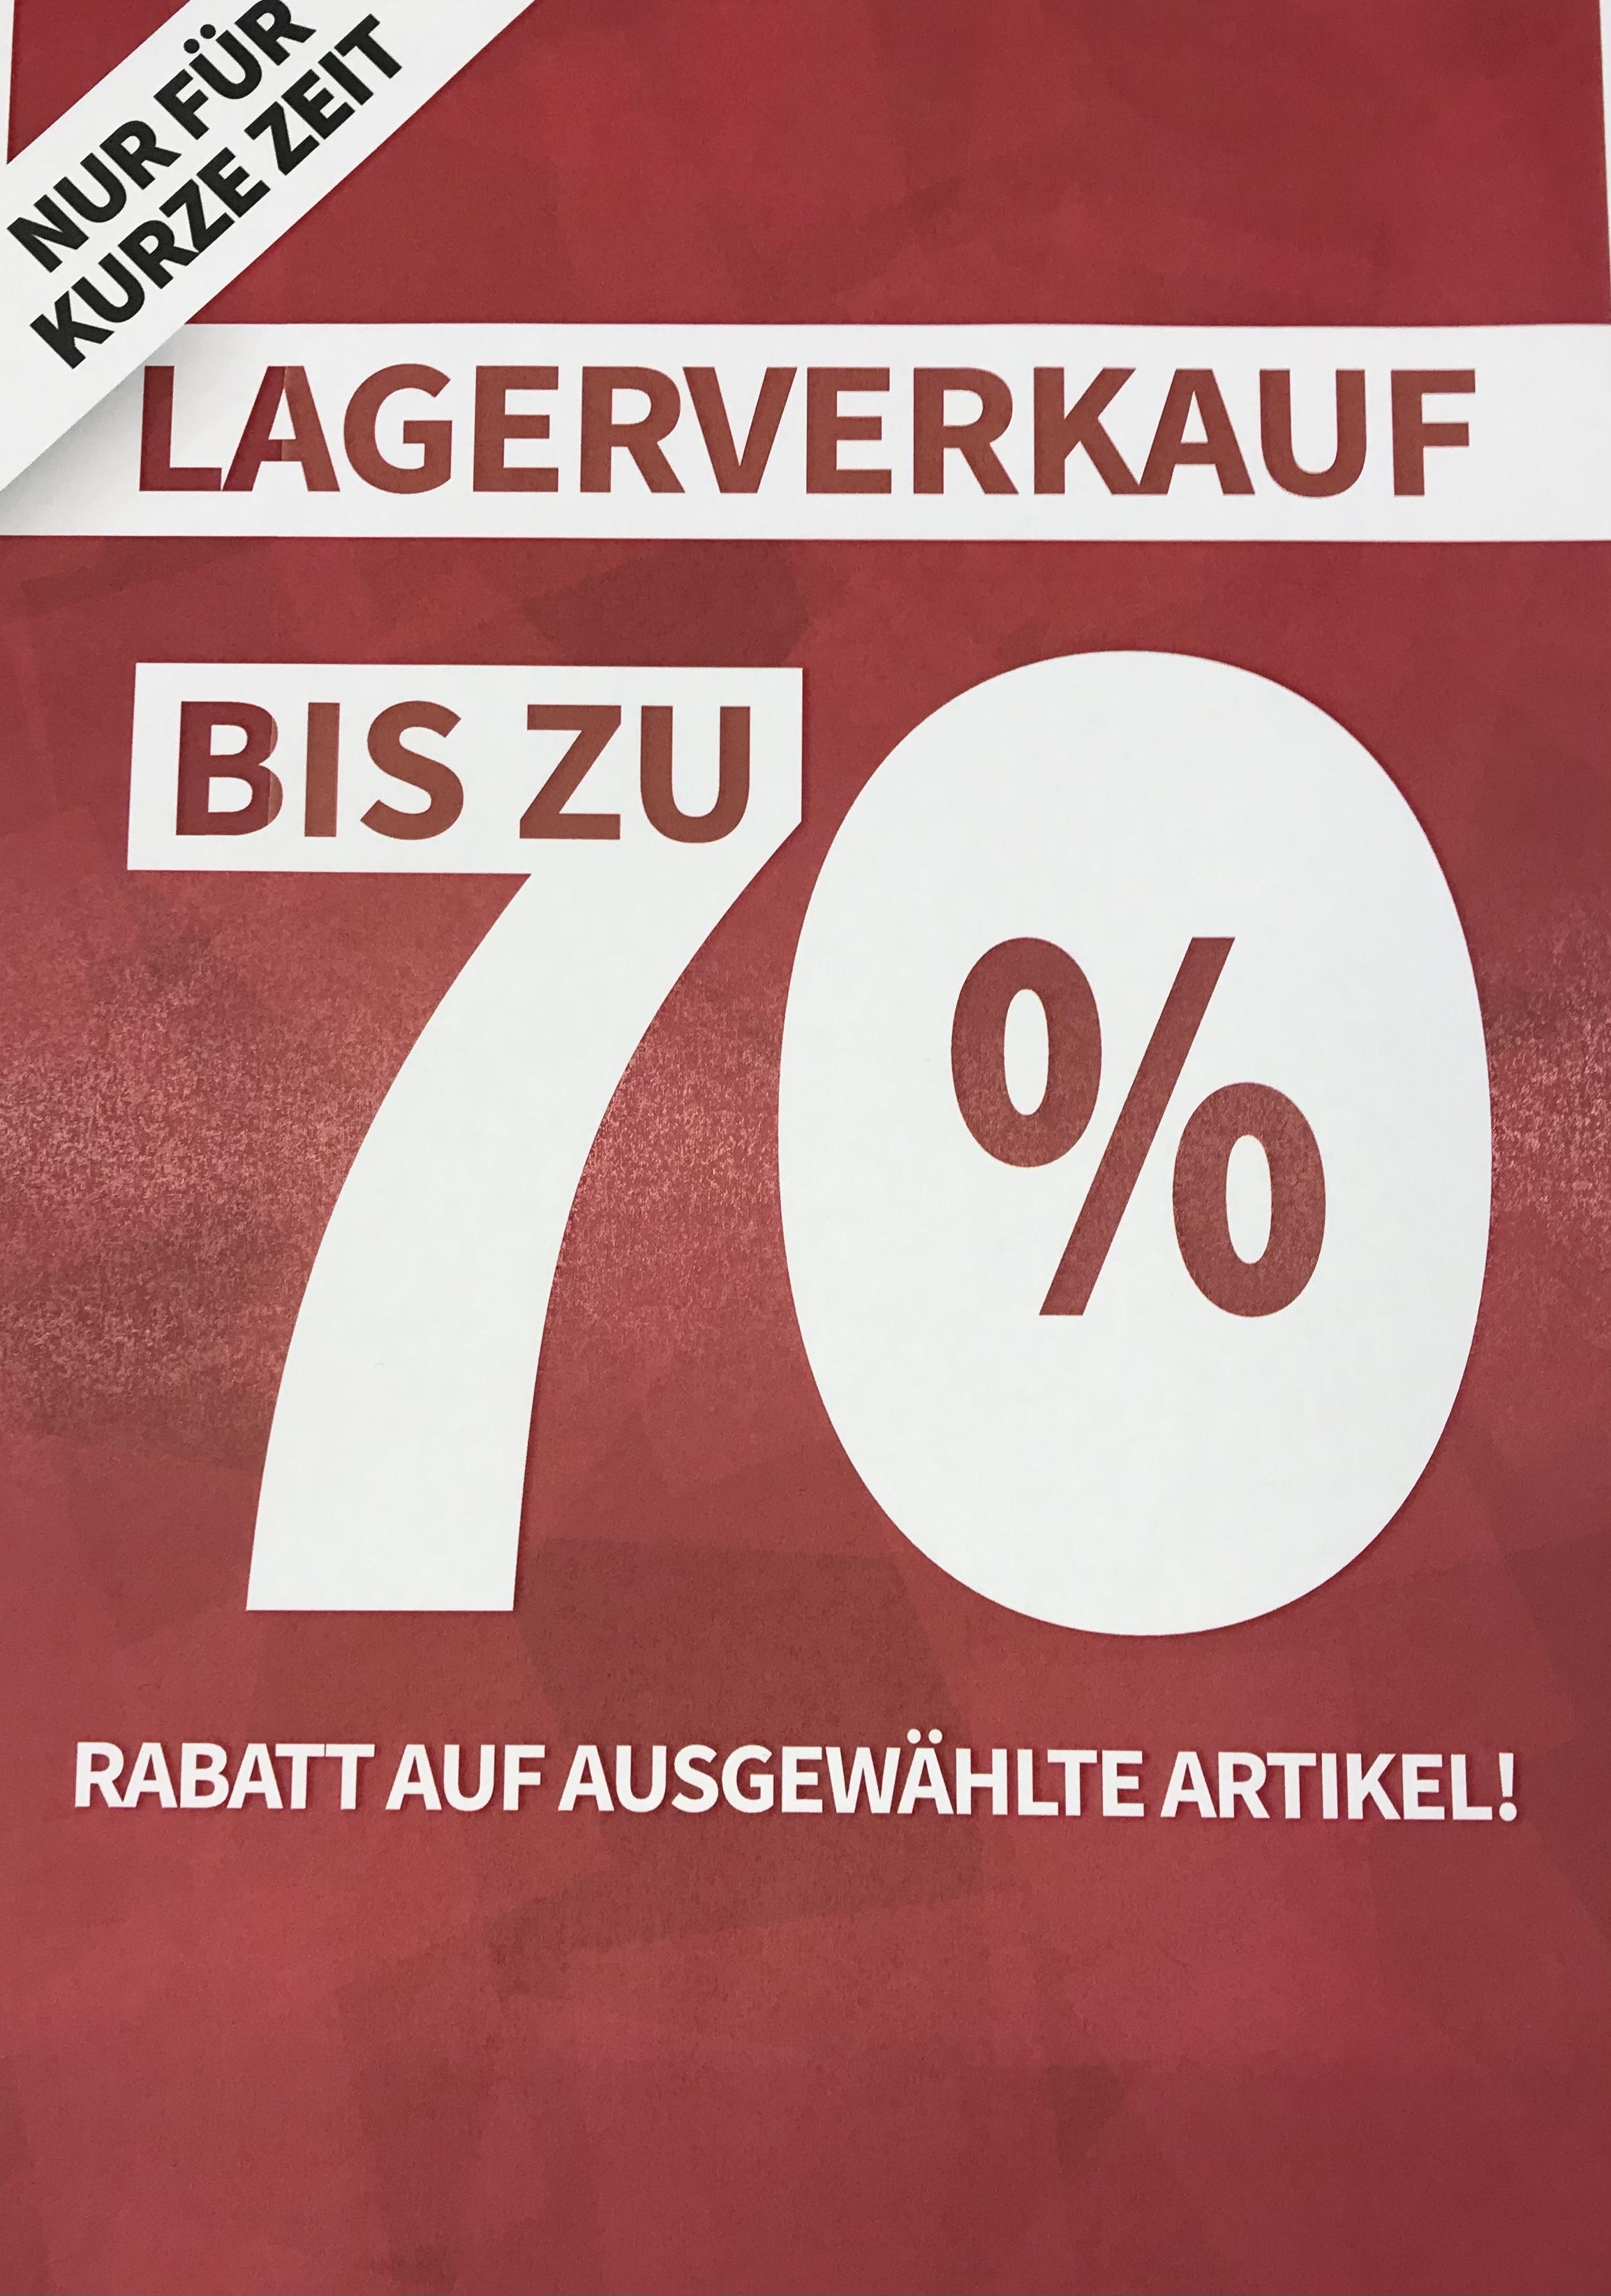 [LOKAL BODY ATTACK Hamburg-Billstedt] bis zu 70% Rabatt auf ausgewählt Artikel (u.a. Bang energy, Barebells, Body Attack usw)